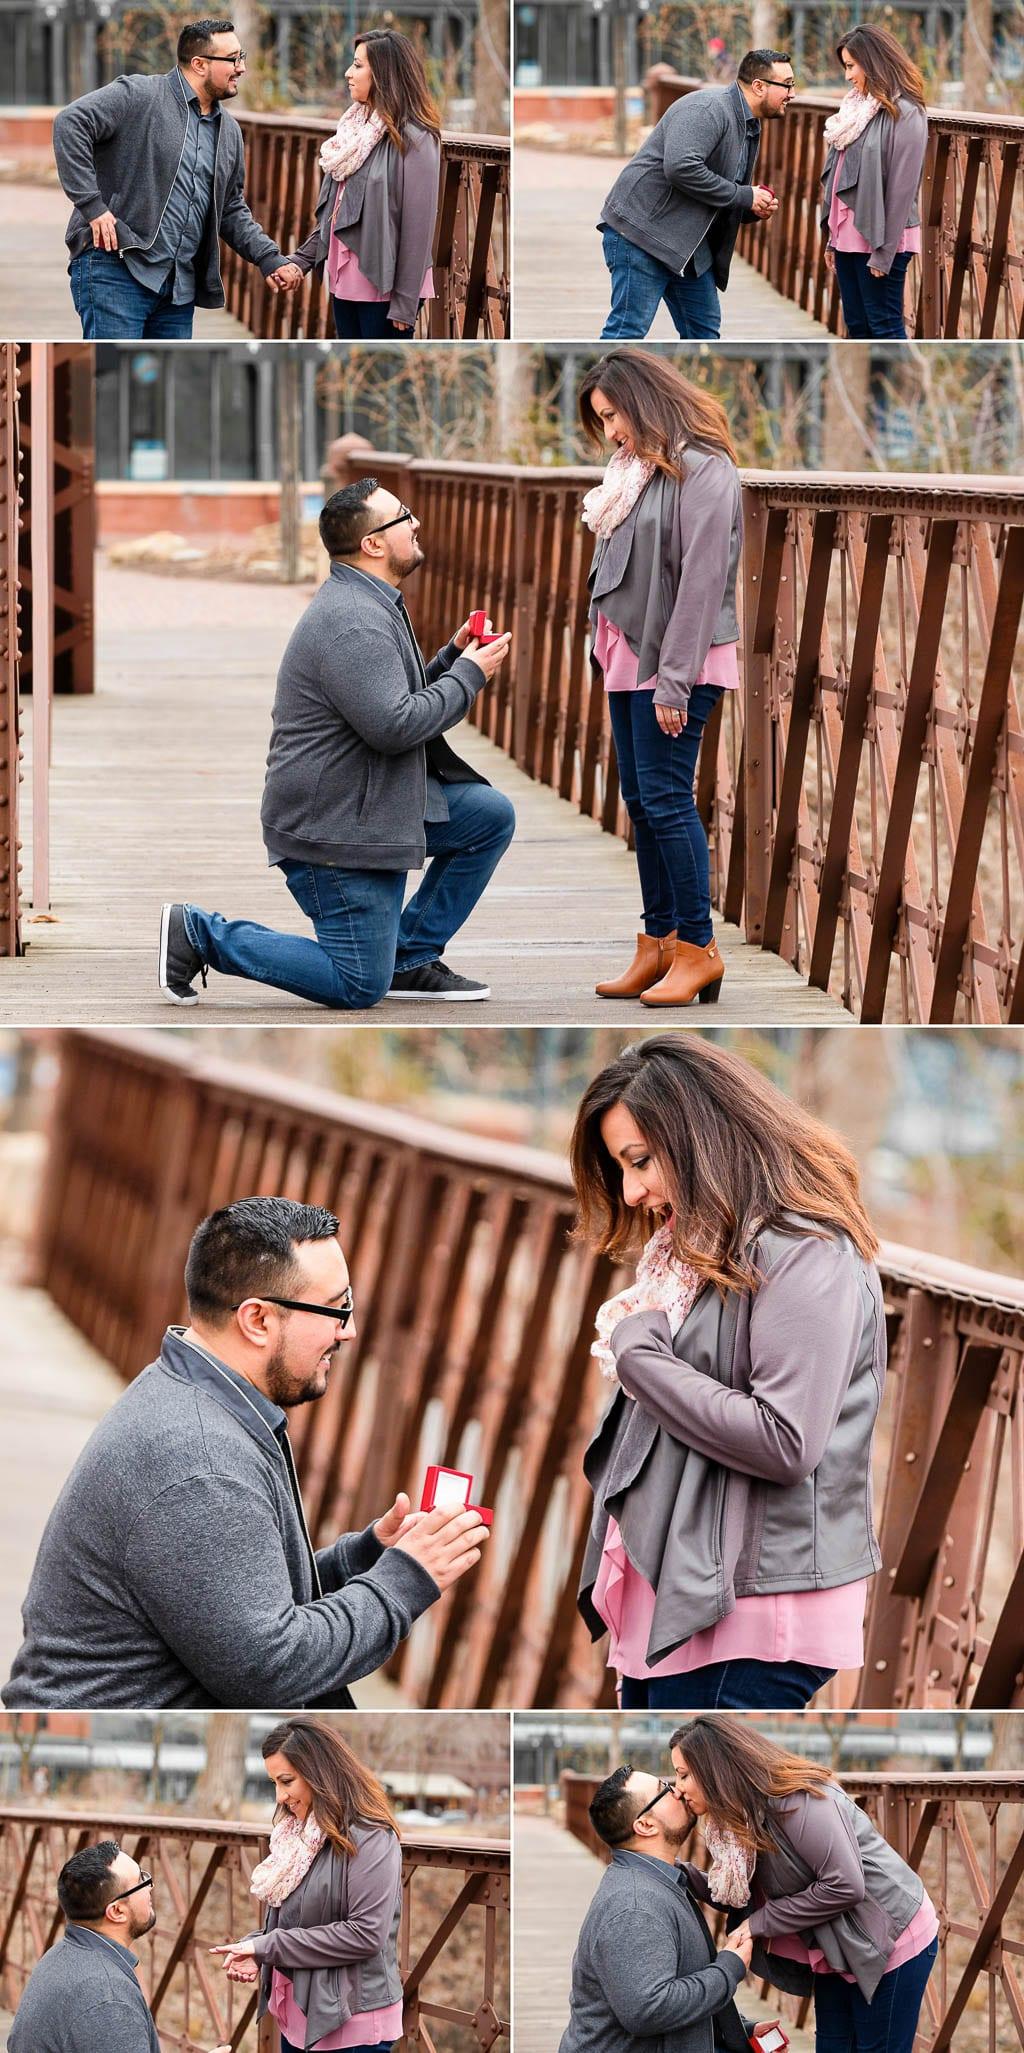 surpise proposal